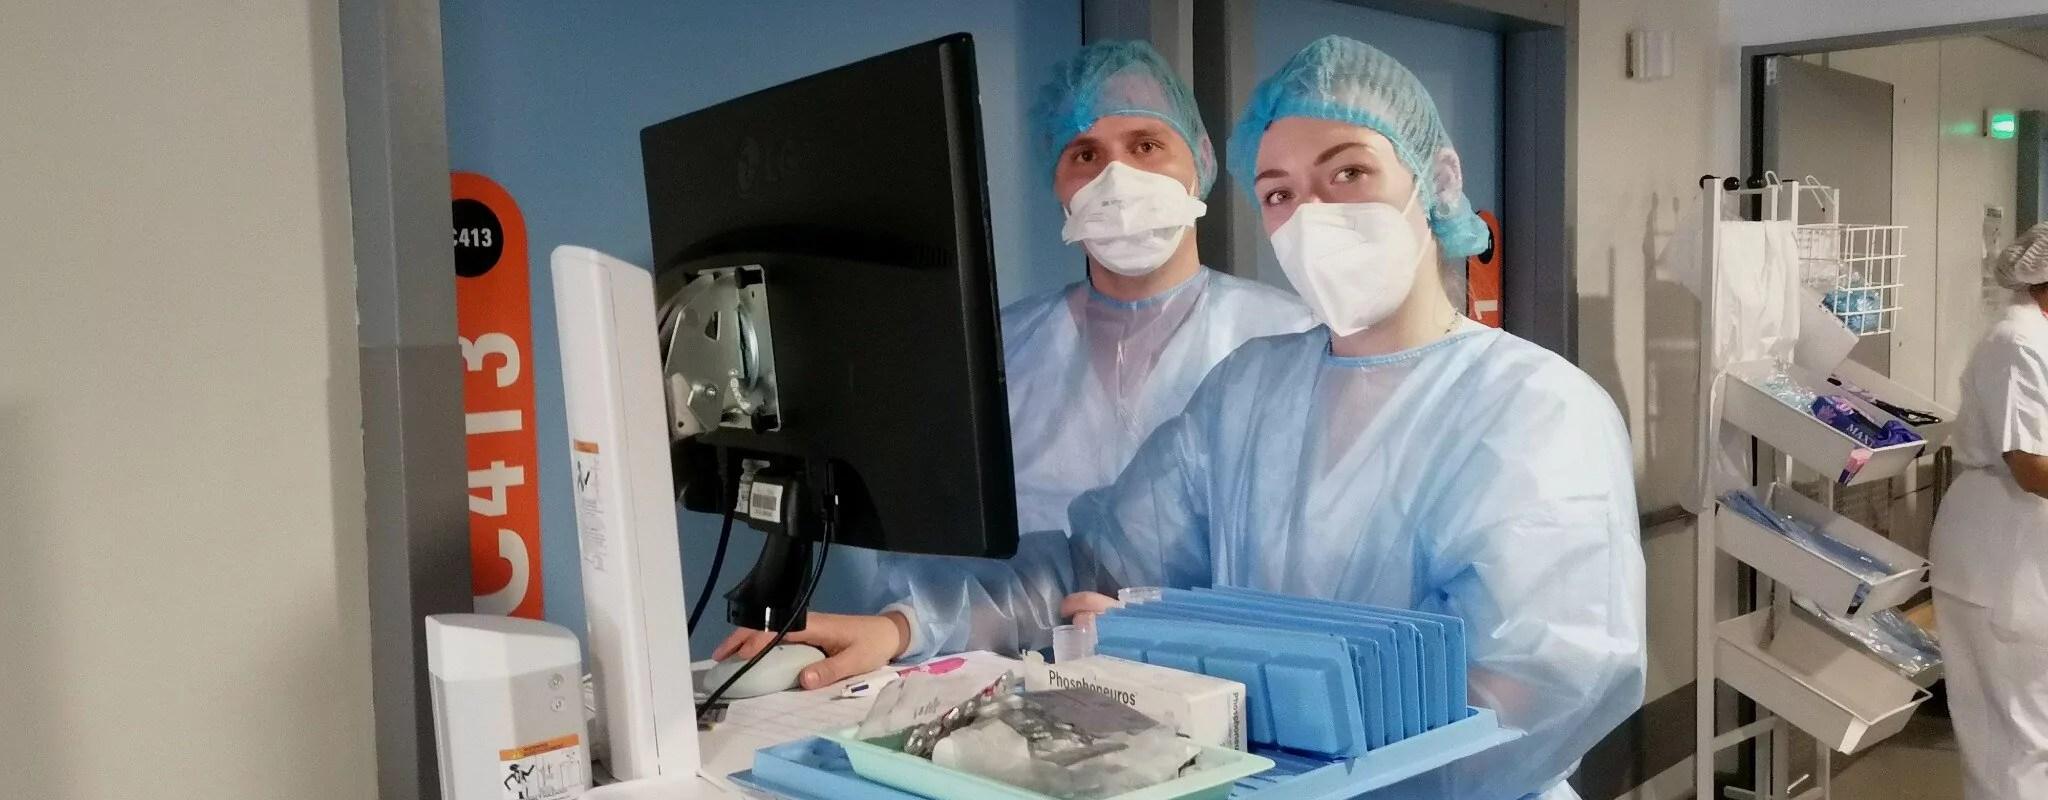 Un an après le début de la pandémie, les hôpitaux universitaires de Strasbourg toujours sous tension